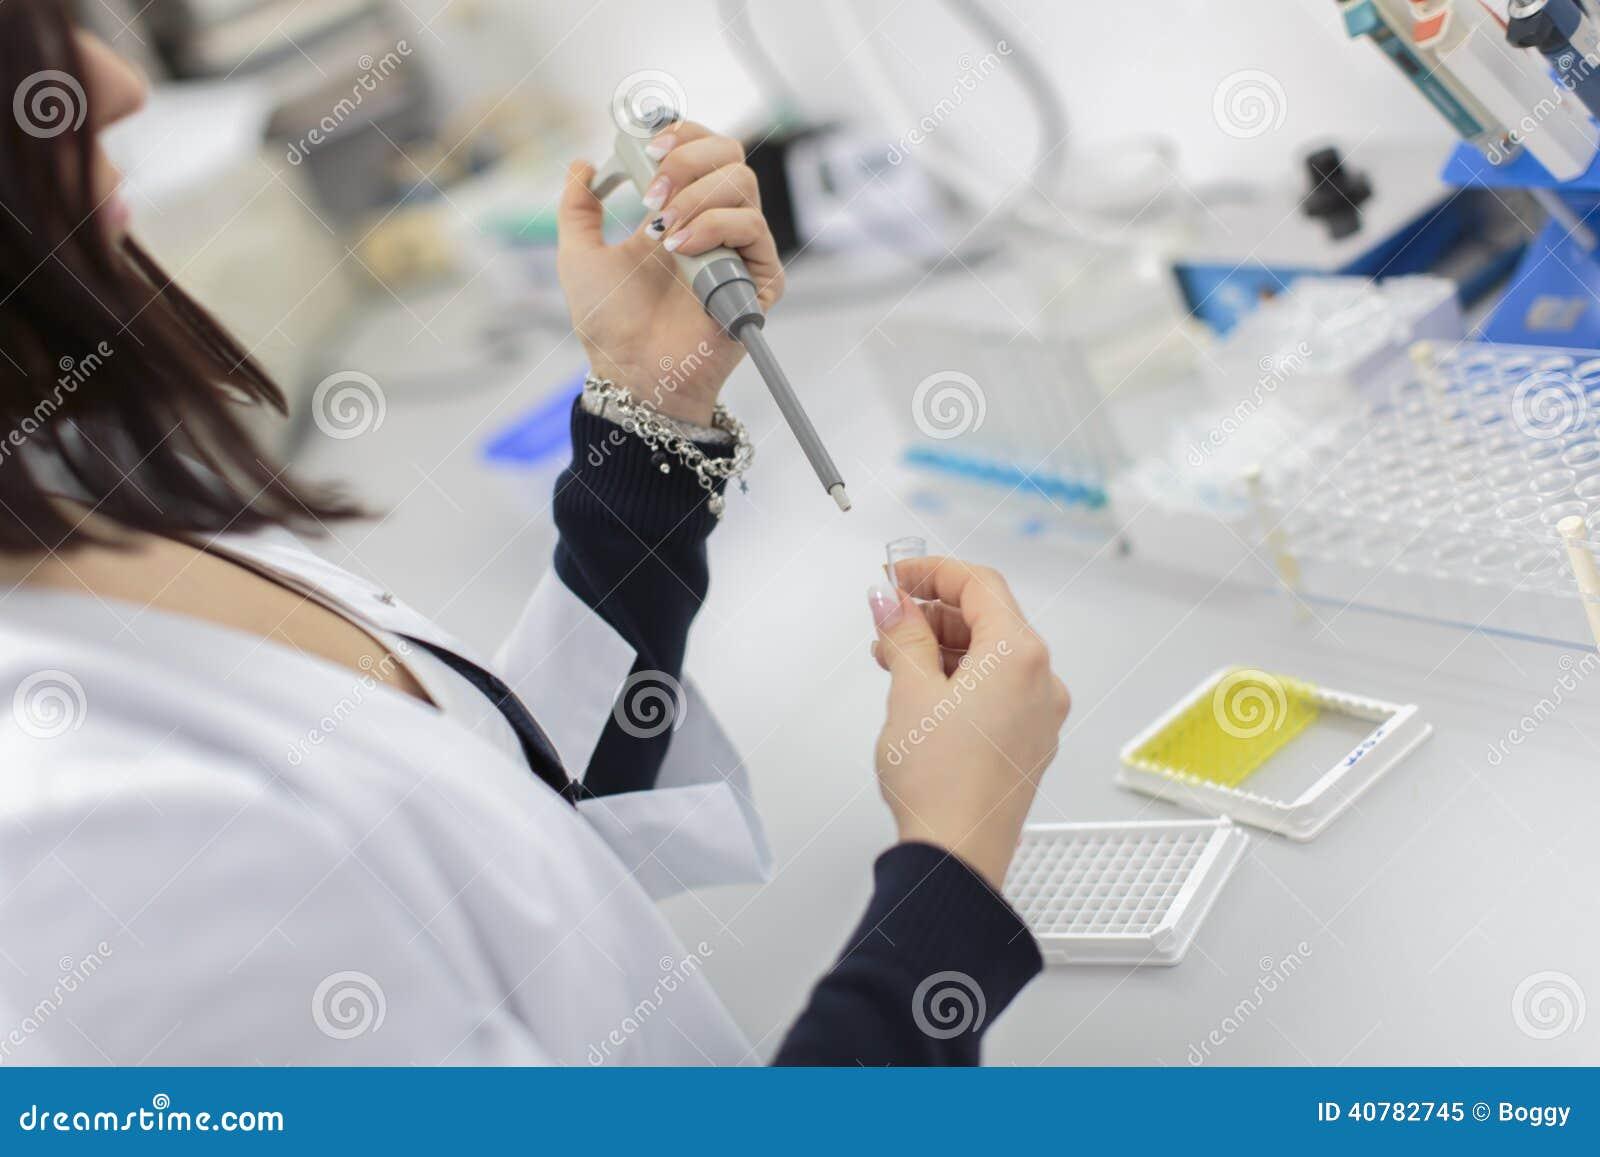 妇女在医学实验室